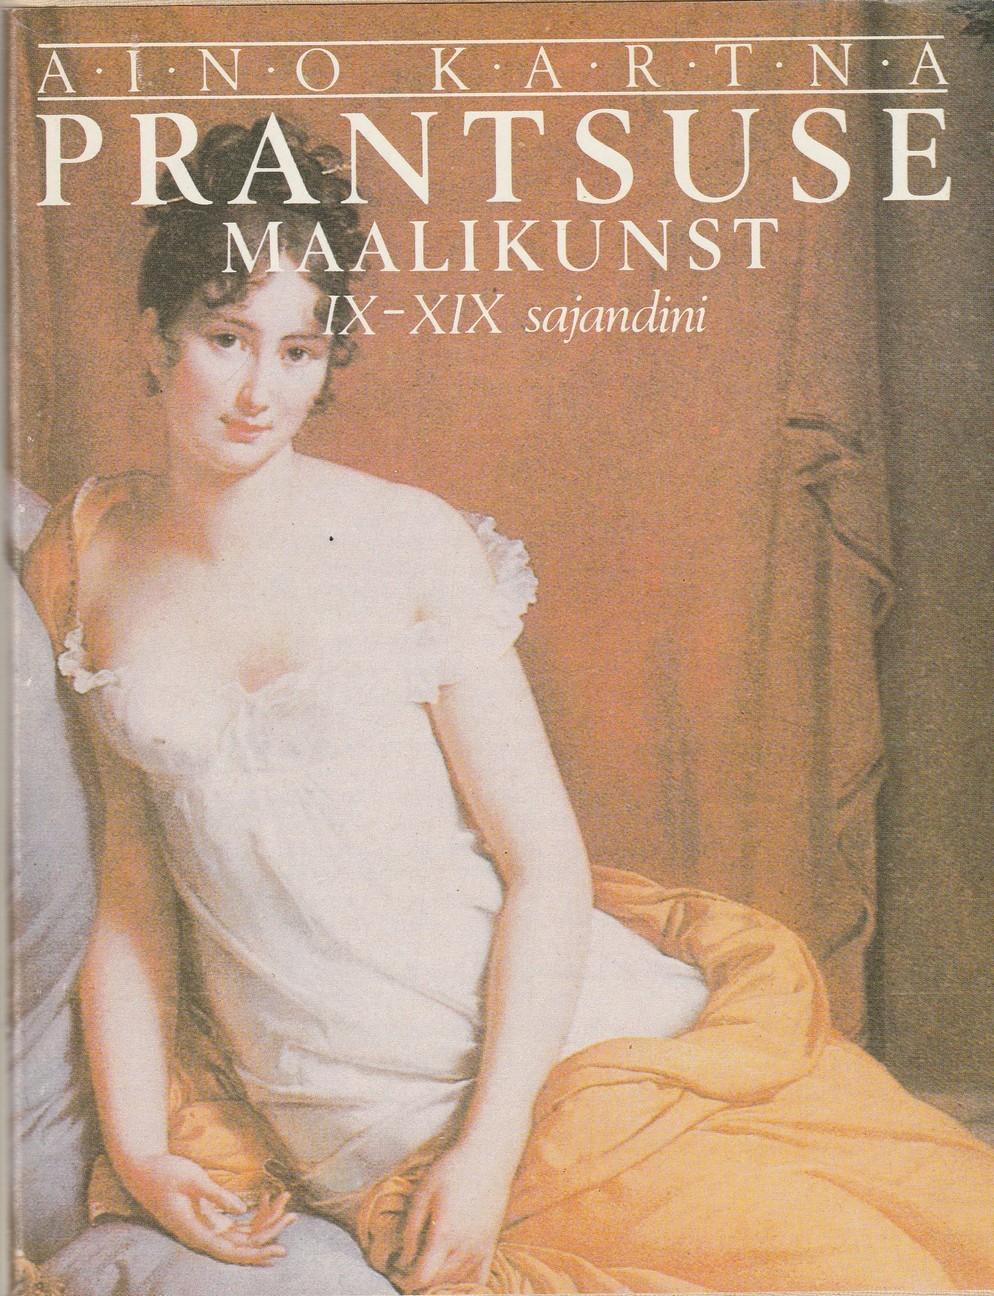 Prantsuse maalikunst IX-XIX sajandini